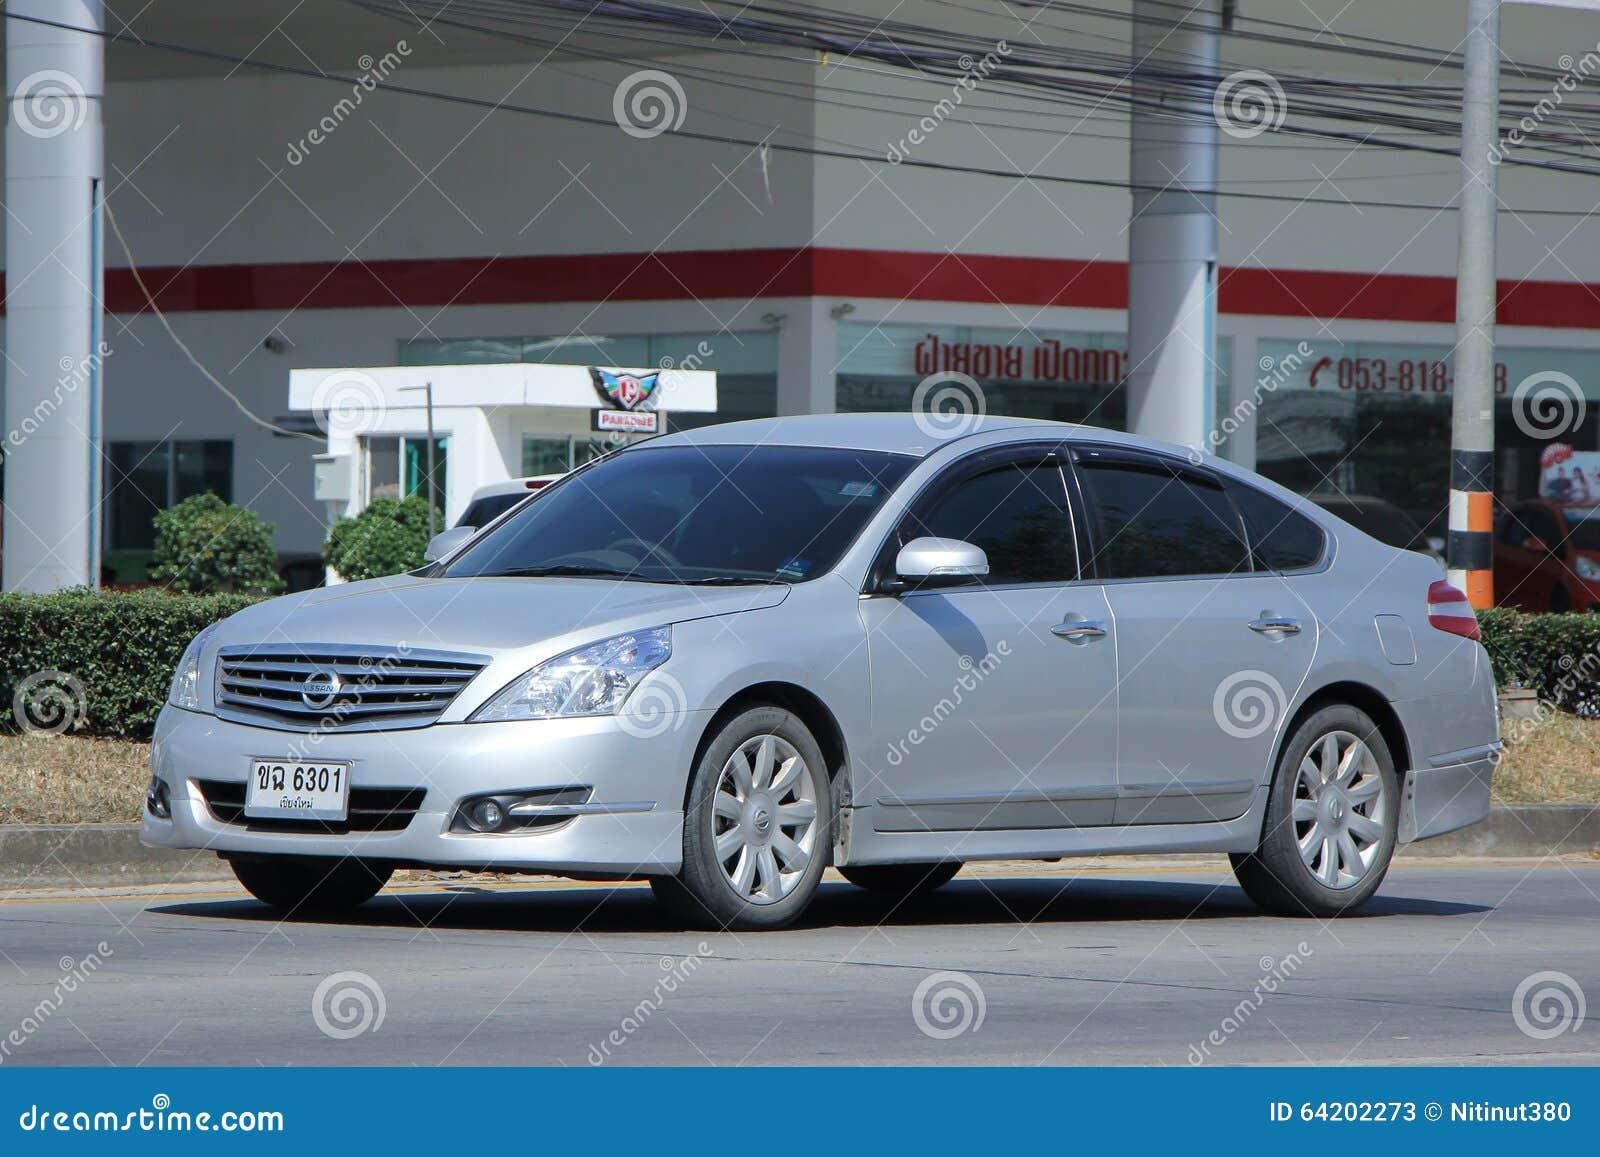 Coche privado, Nissan Teana